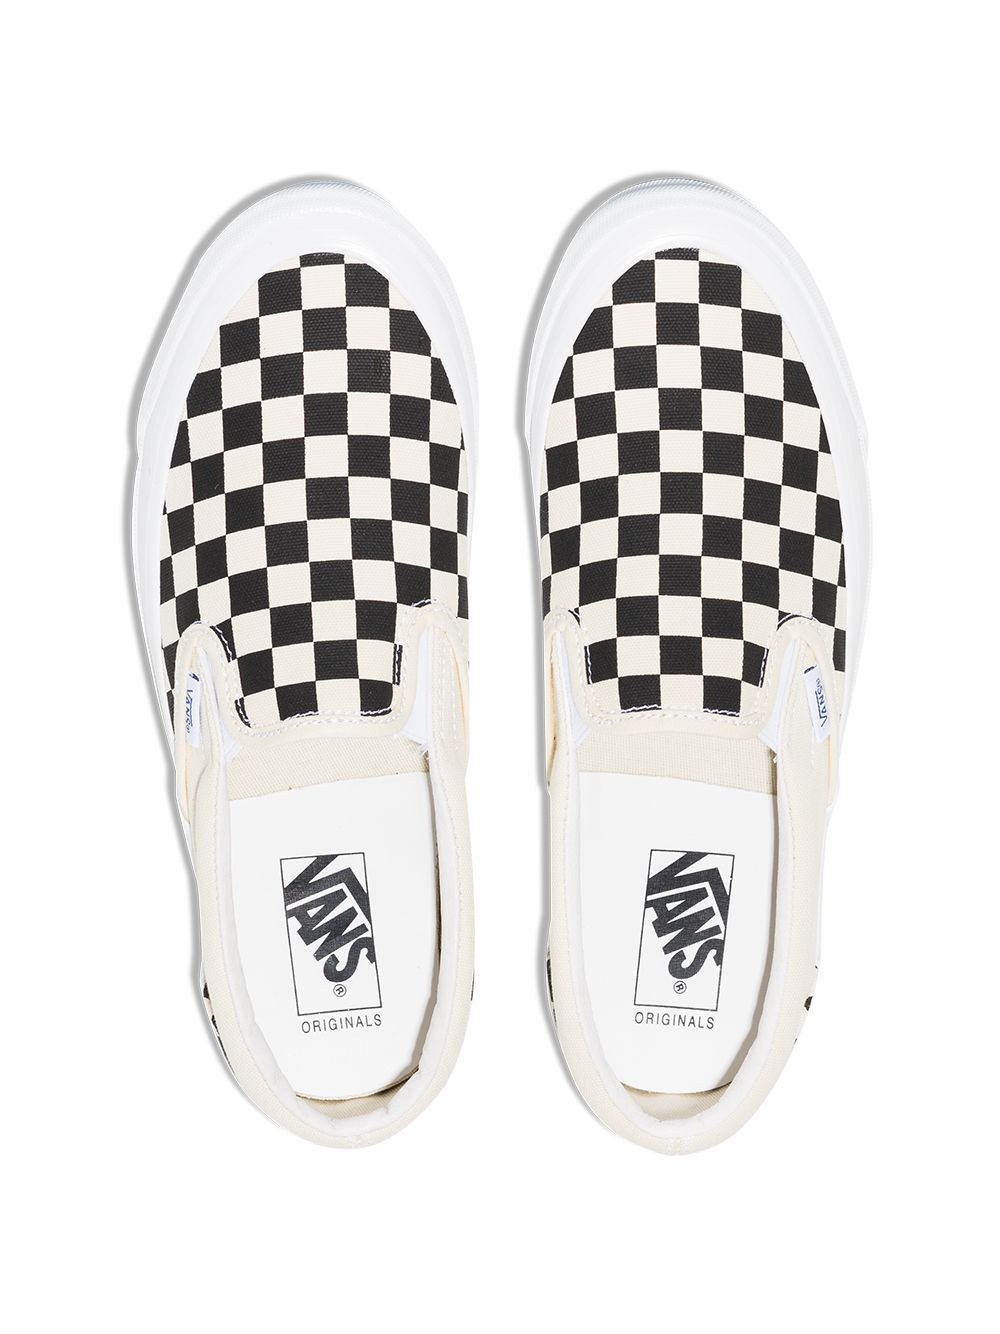 sneakers og classic slip on unisex in tela bianche e nere VANS VAULT | Sneakers | VN0A45JKT0A1